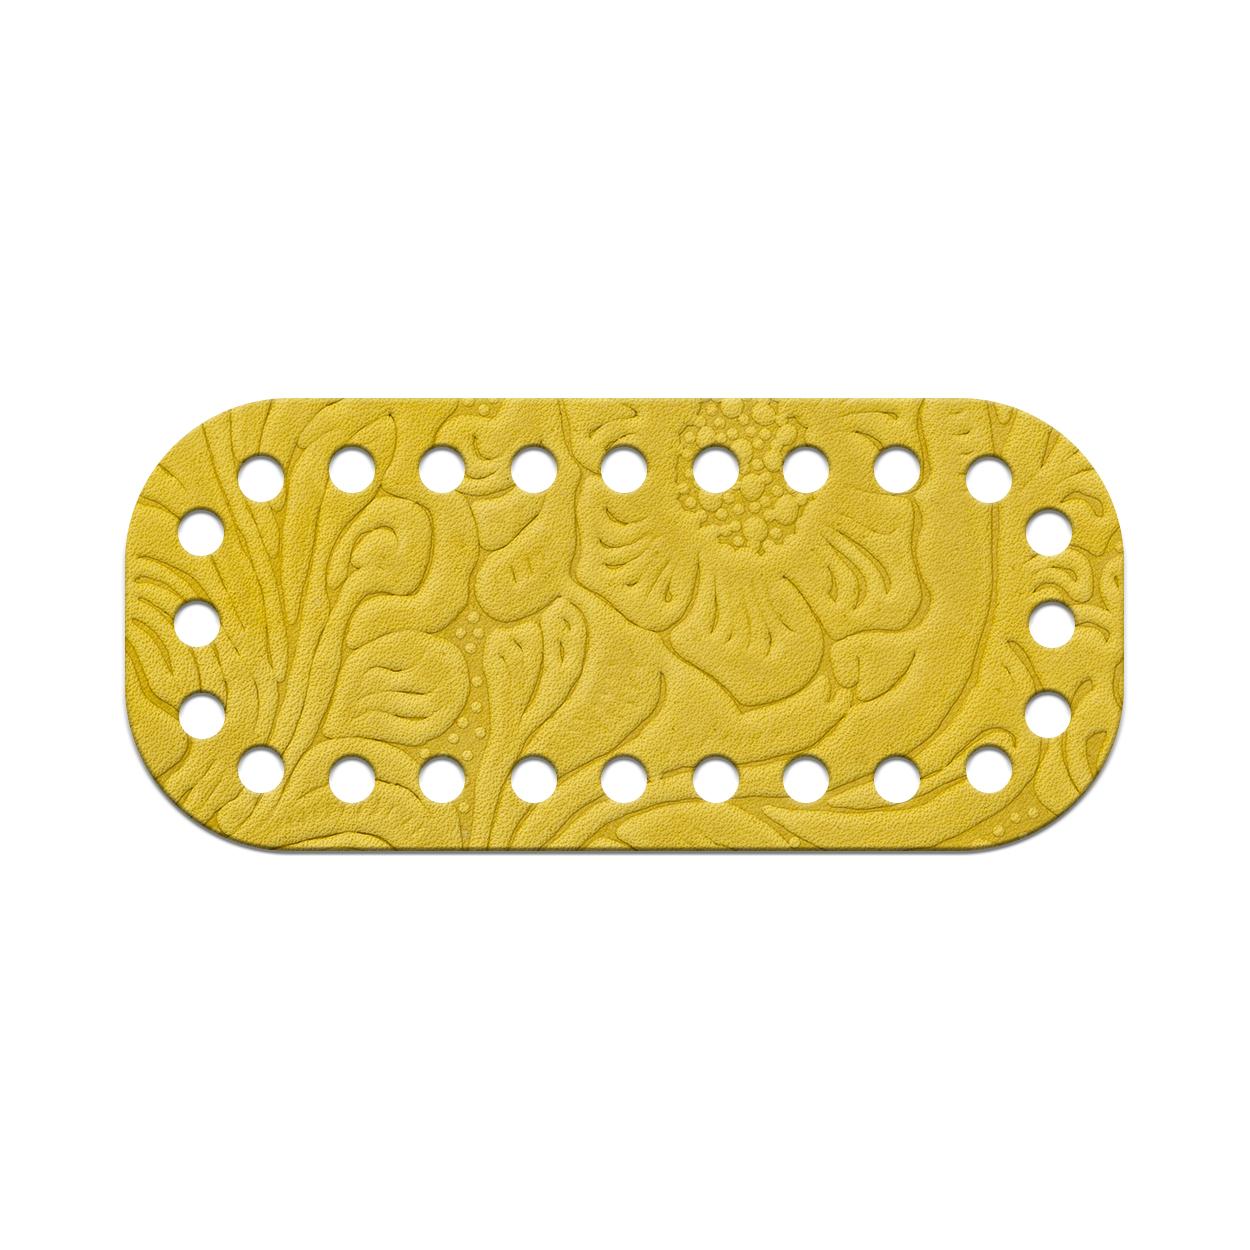 Кожа - Дно для сумки мини 5 х 11 см. Лимон